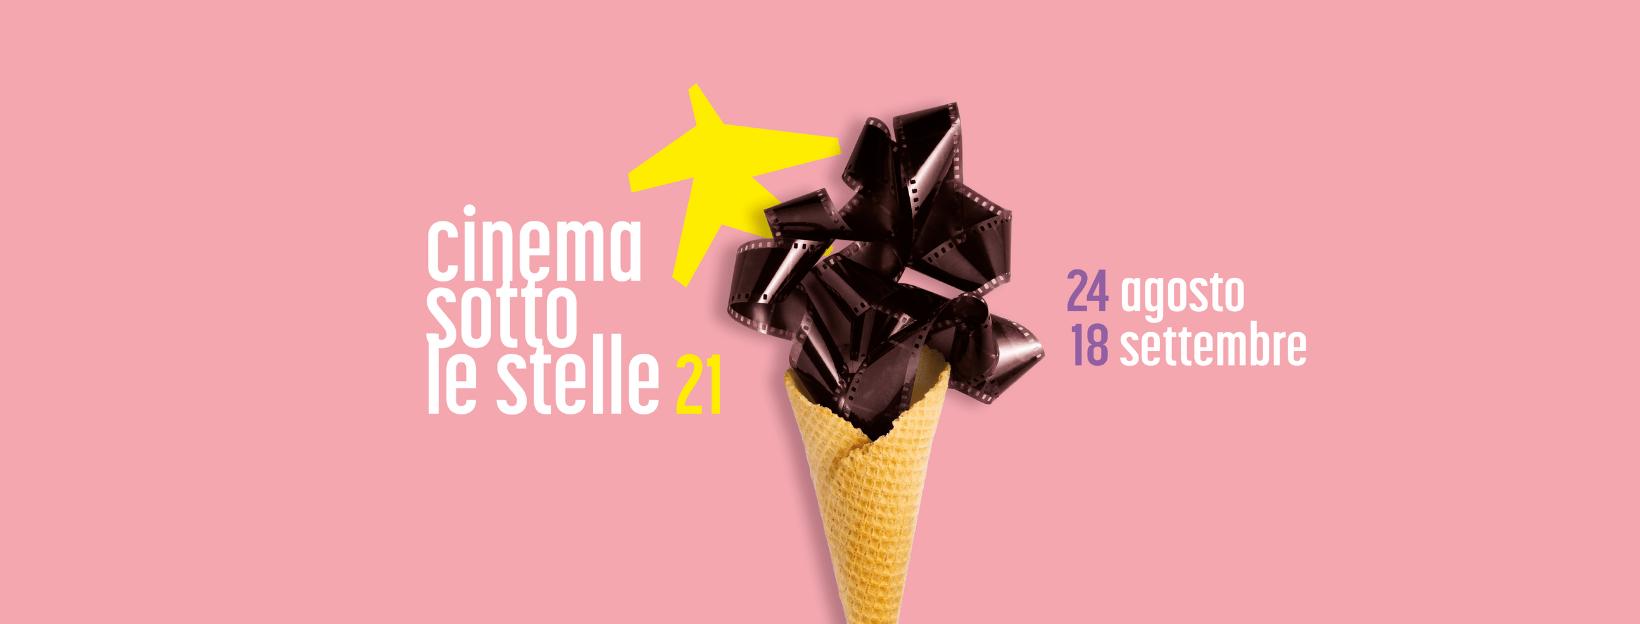 Cinema sotto le stelle 2021 – La seconda parte della rassegna dal 24 agosto al 18 settembre